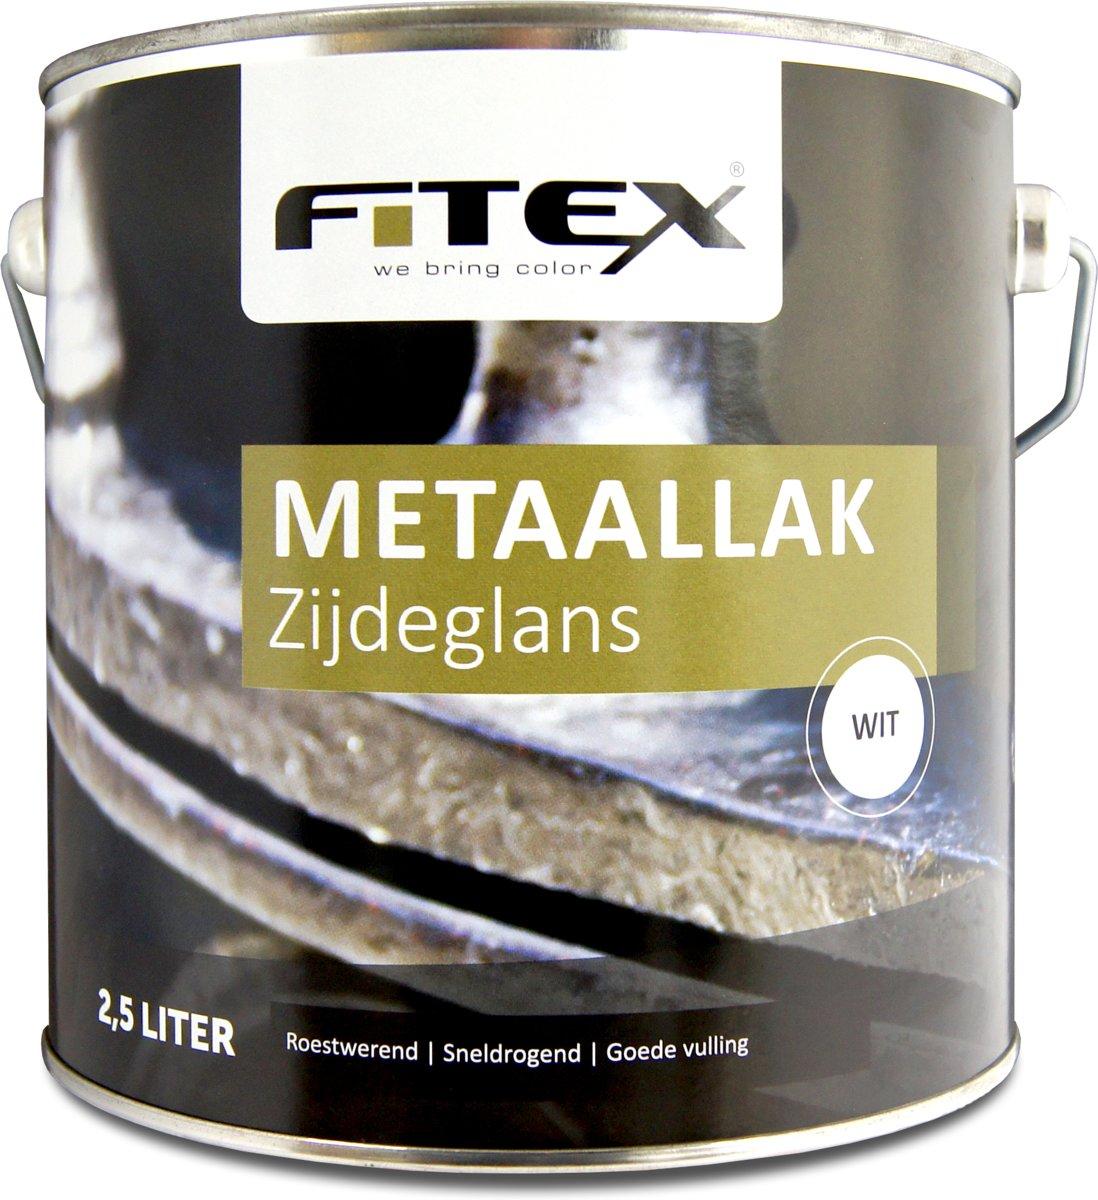 Fitex-Metaallak-Zijdeglans-Ral 9010 Zuiver Wit-2,5 liter